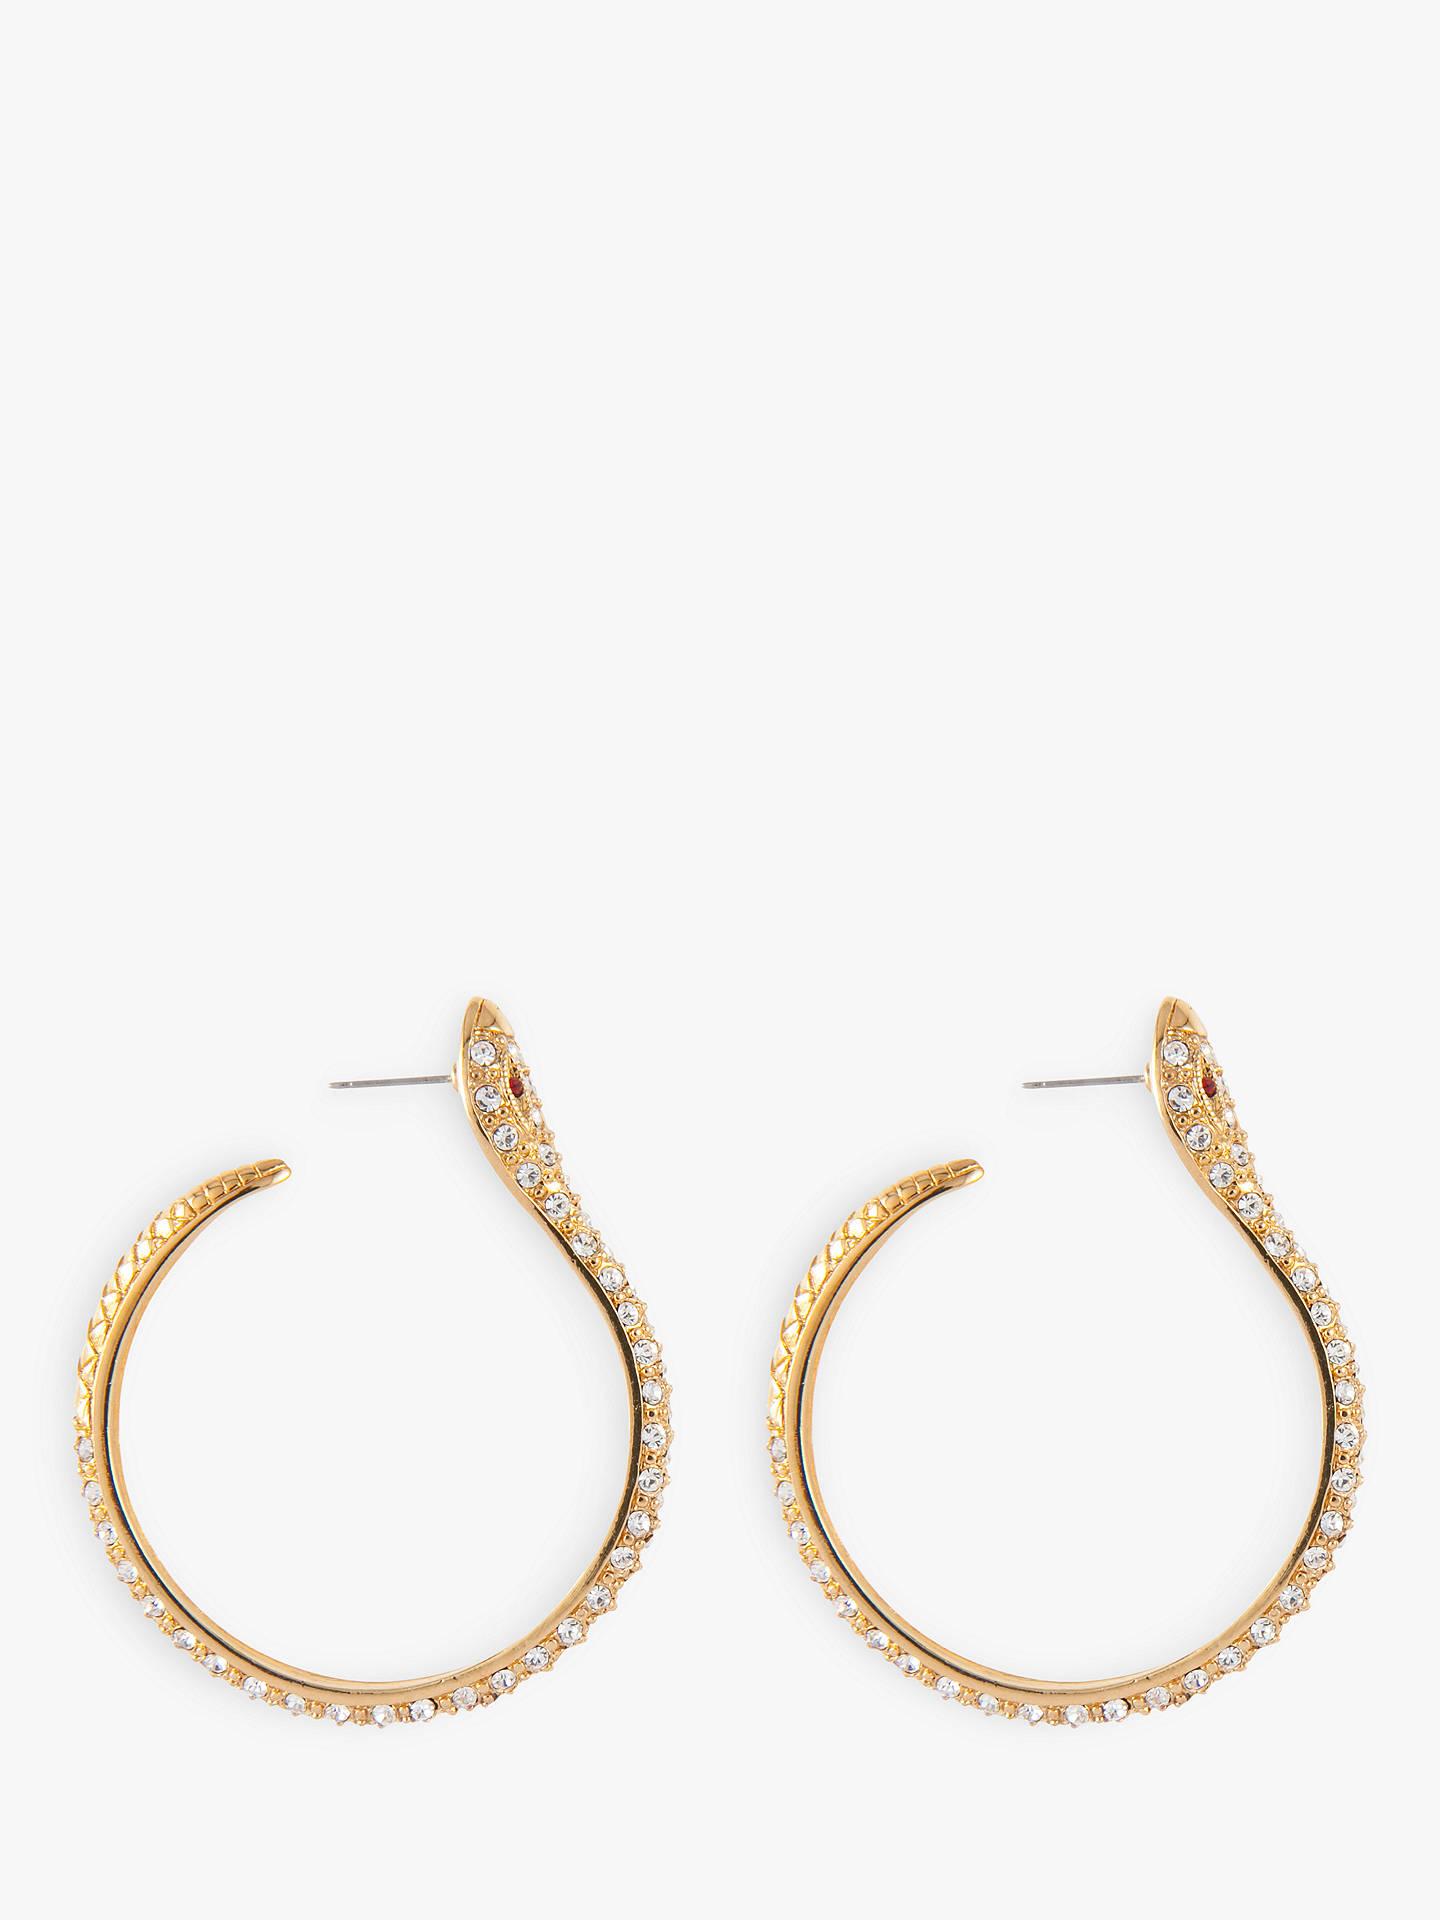 09f03c0fd ... Buy Susan Caplan Vintage KJL 22ct Gold Plated Swarovski Crystal Snake Hoop  Earrings, Gold Online